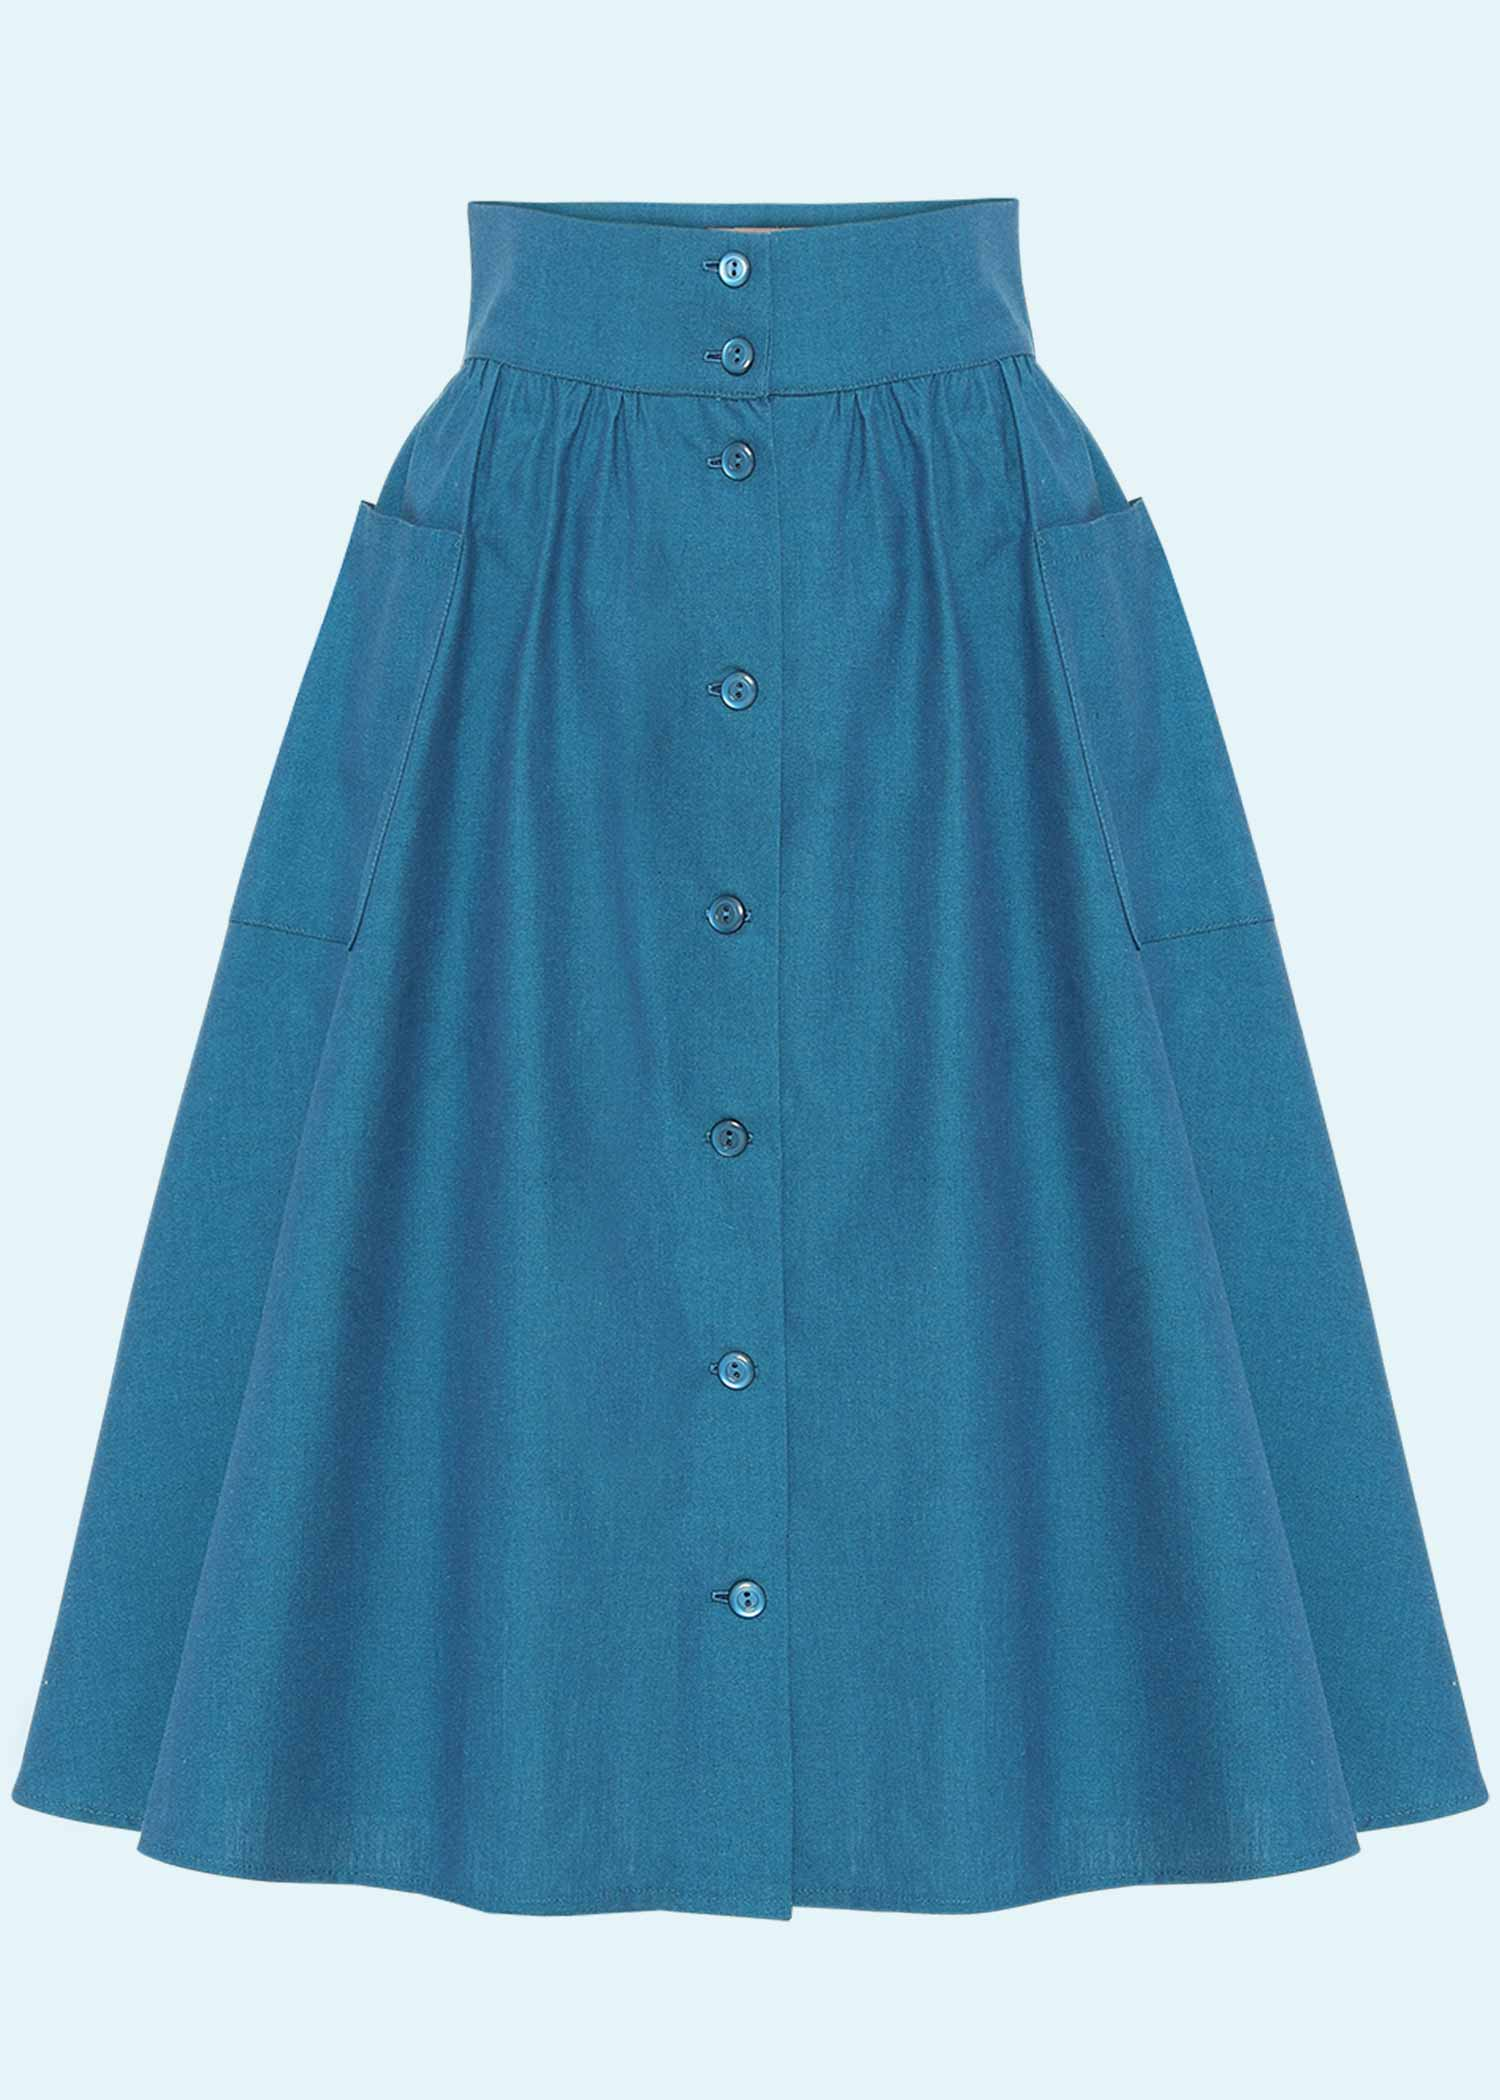 50s inspired skirt in blue from Heart Of Haute